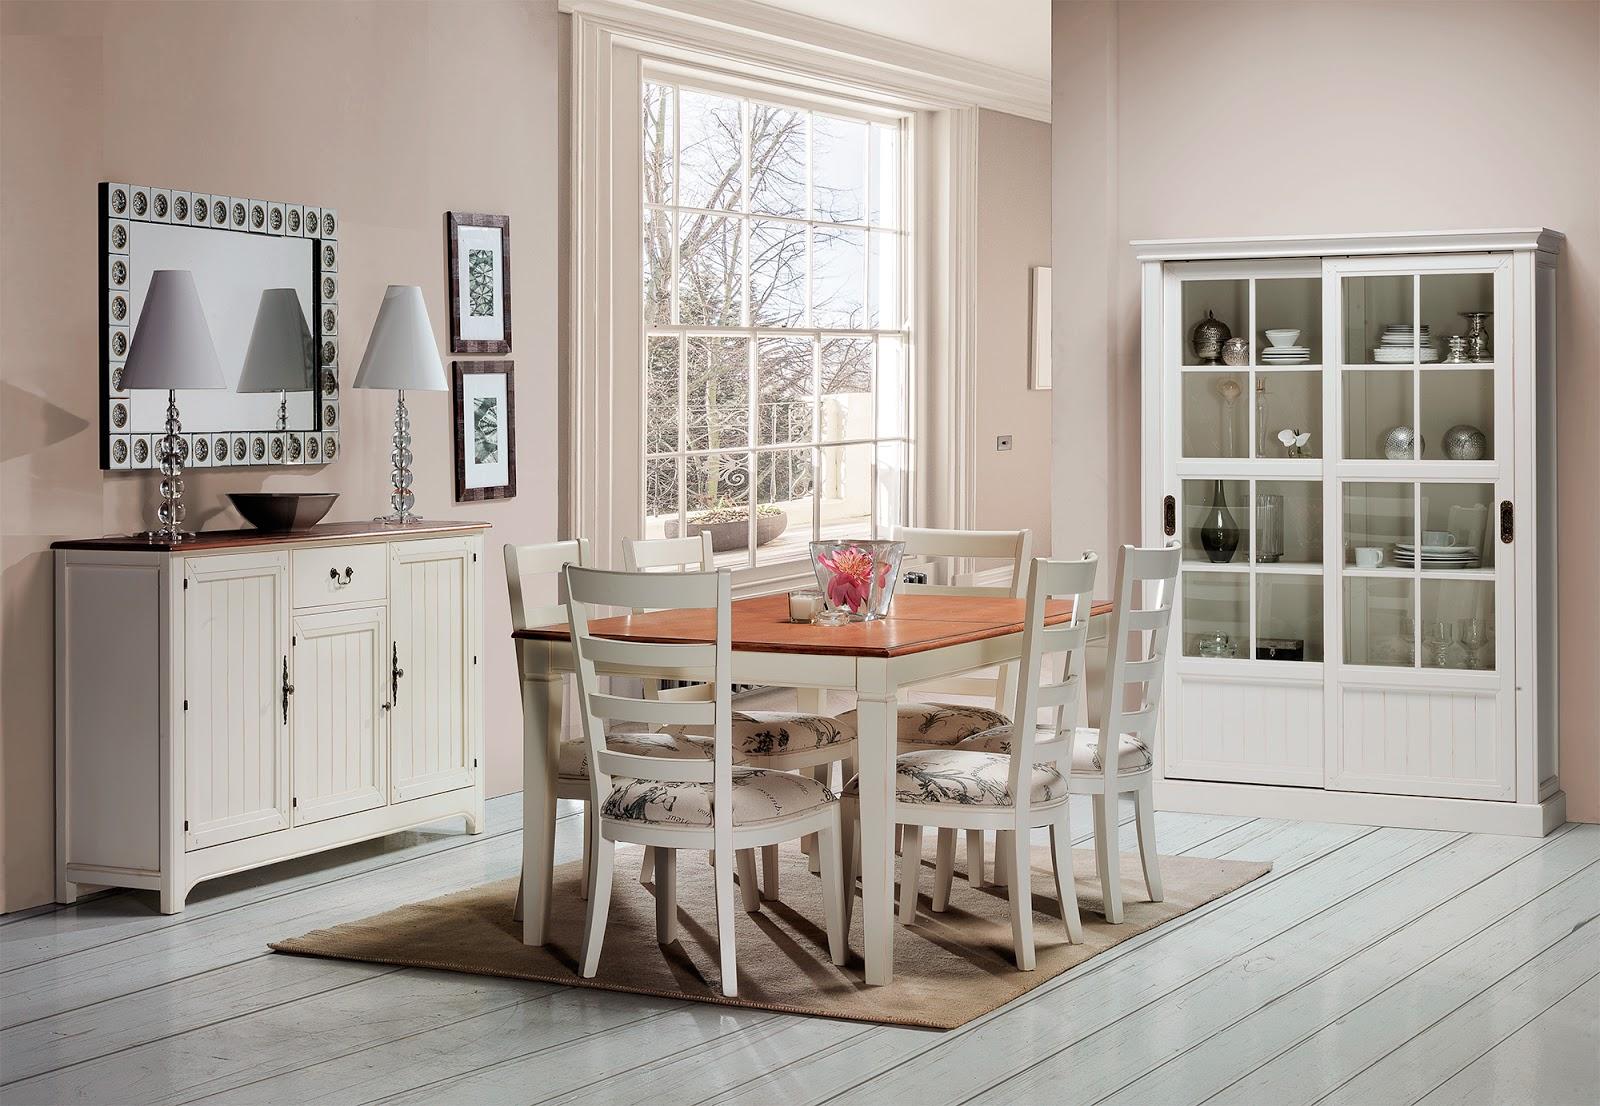 Muebles de comedor 10 comedores con vitrina - Muebles de comedor rusticos modernos ...